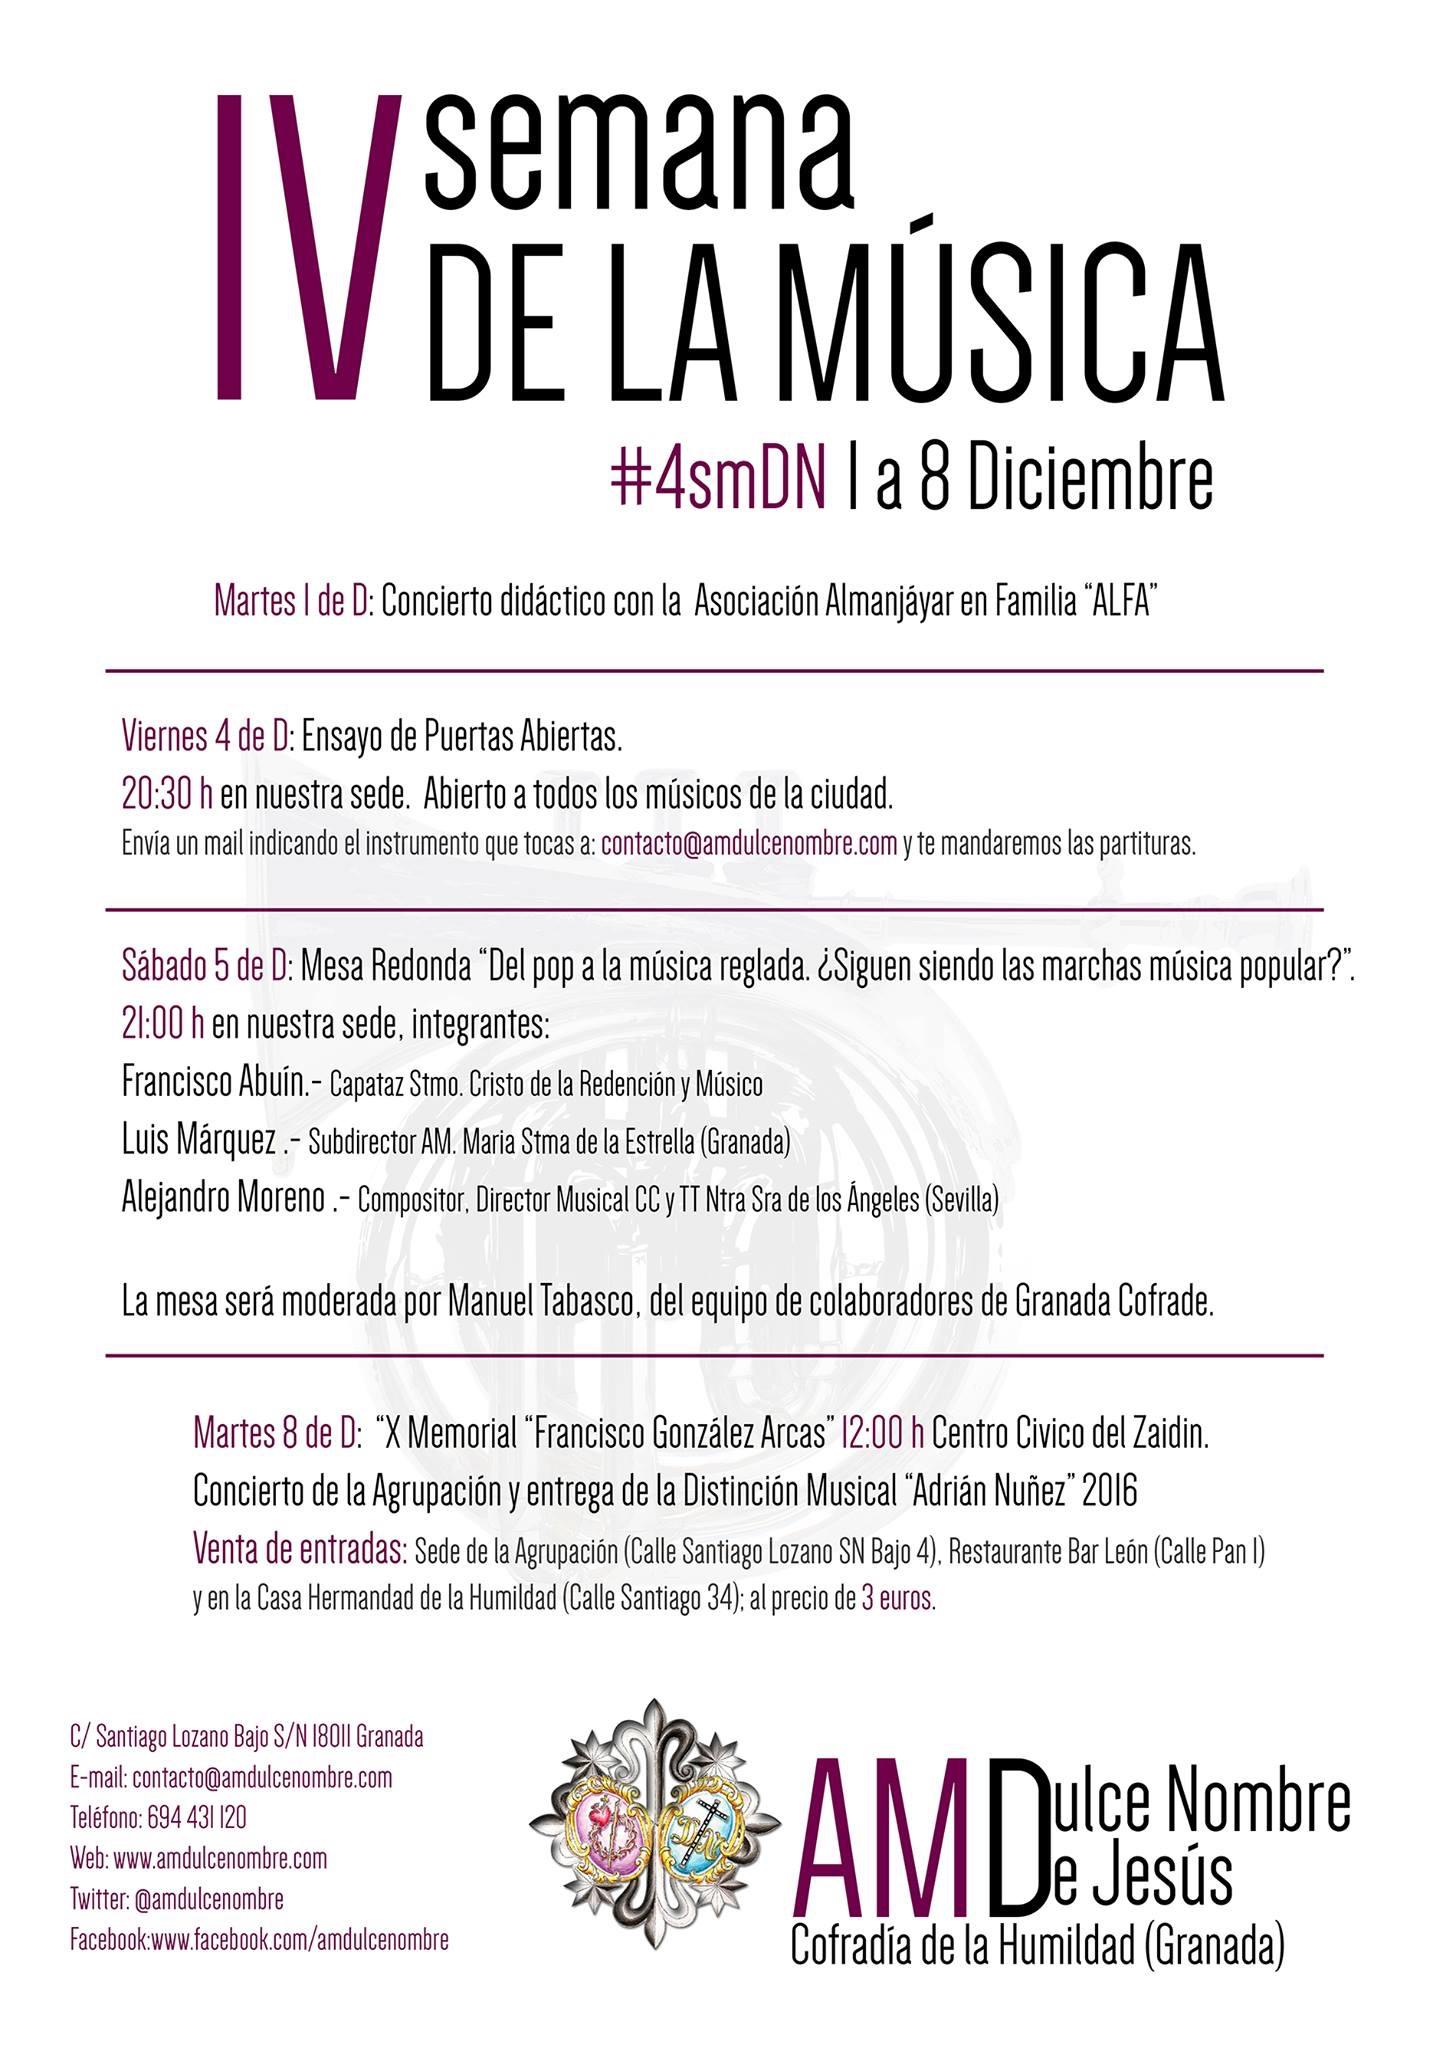 IV semana de la música